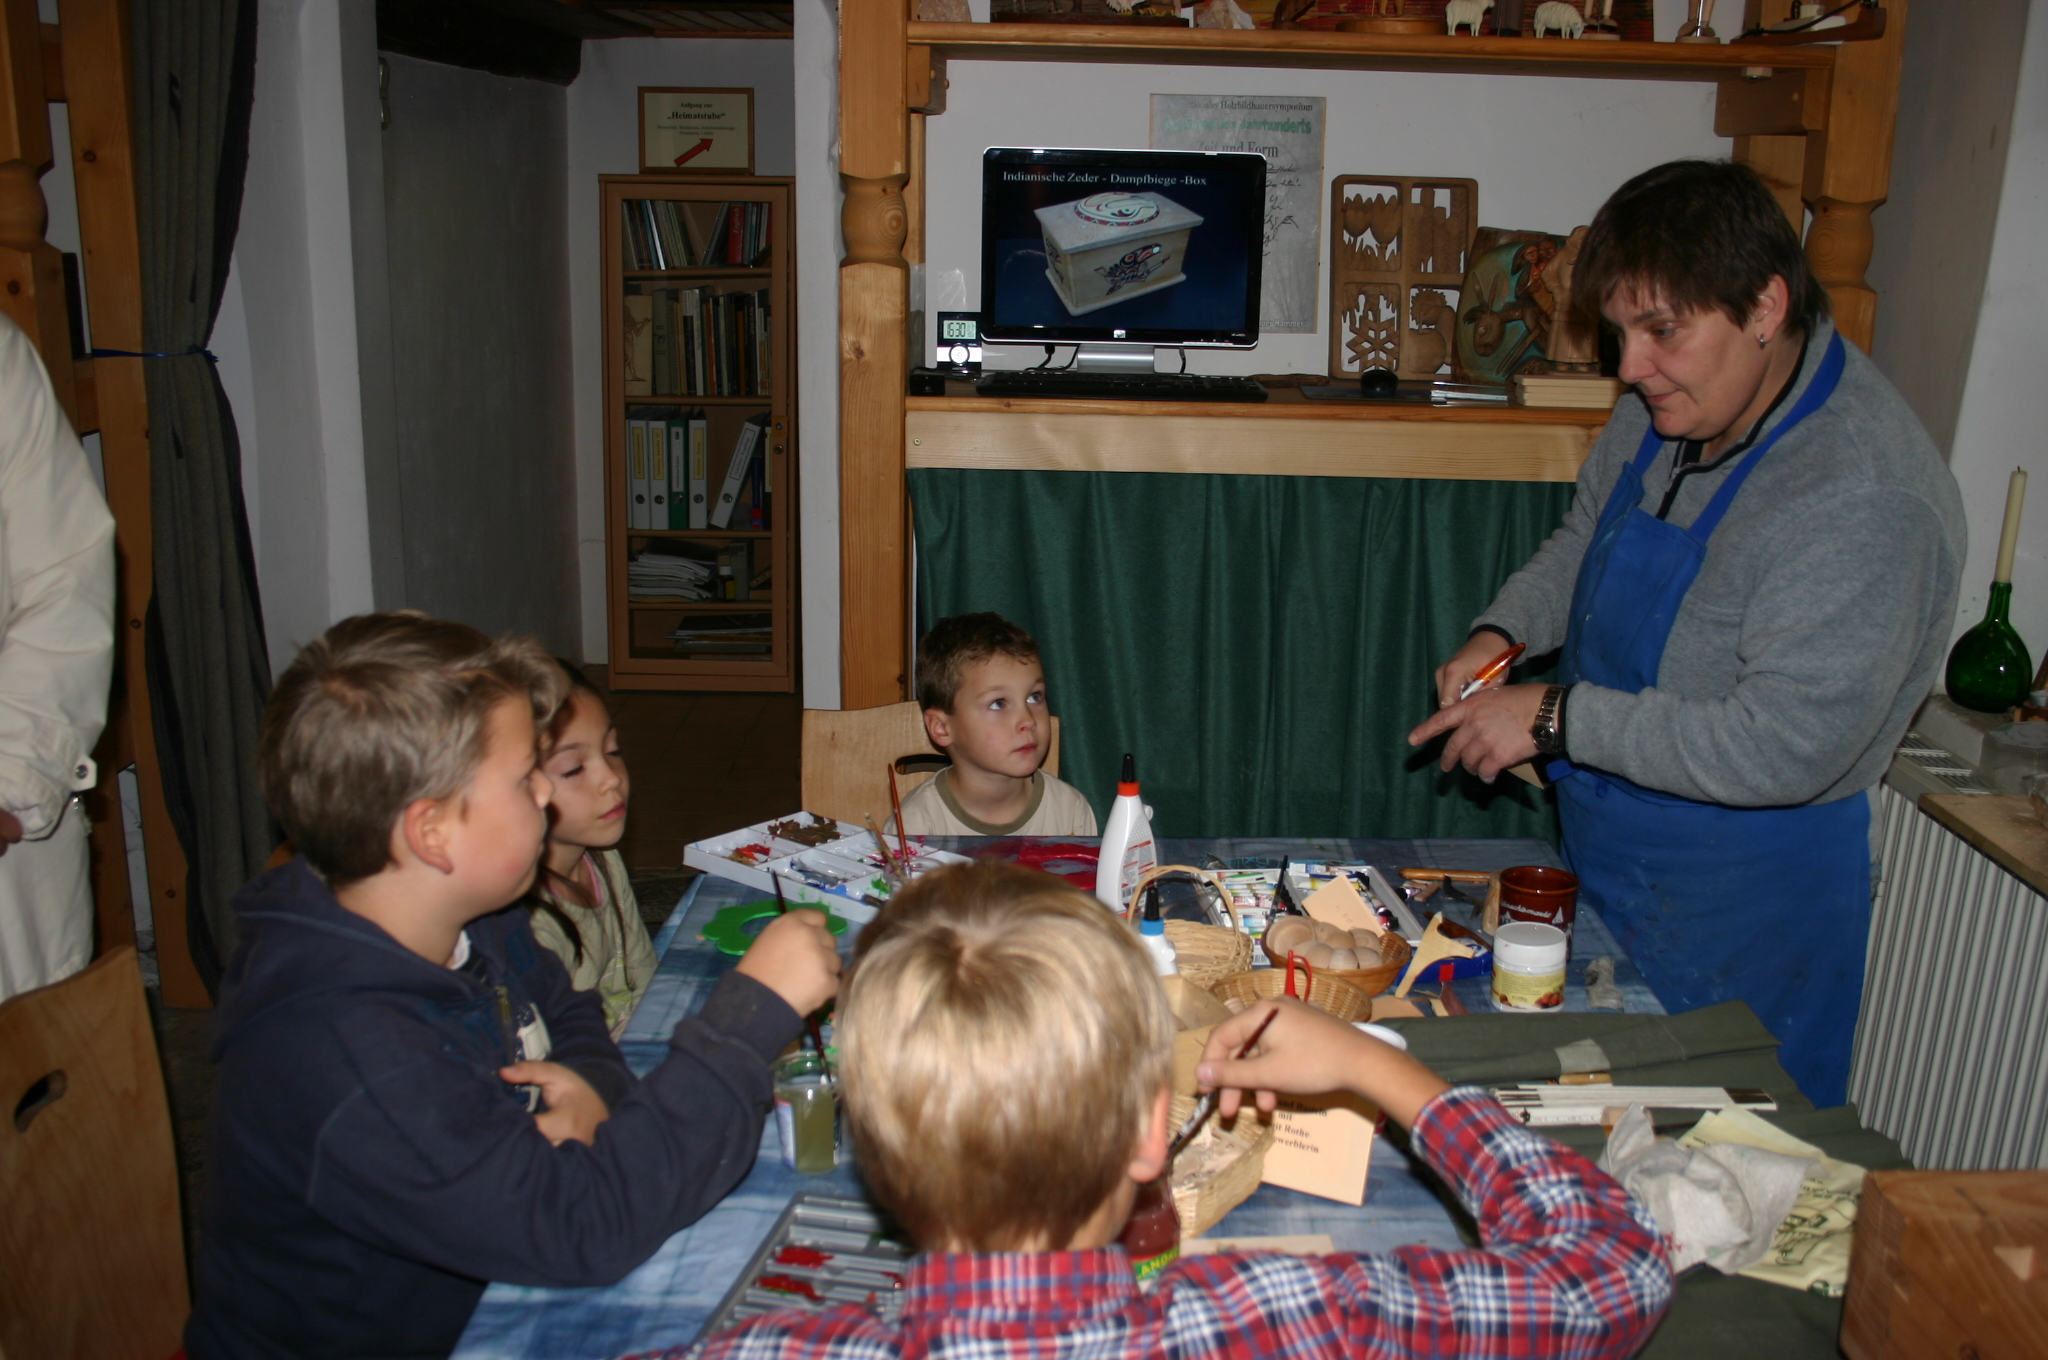 Kunstgewerblerin Birgit Rothe bastelt mit den jüngsten Besuchern.